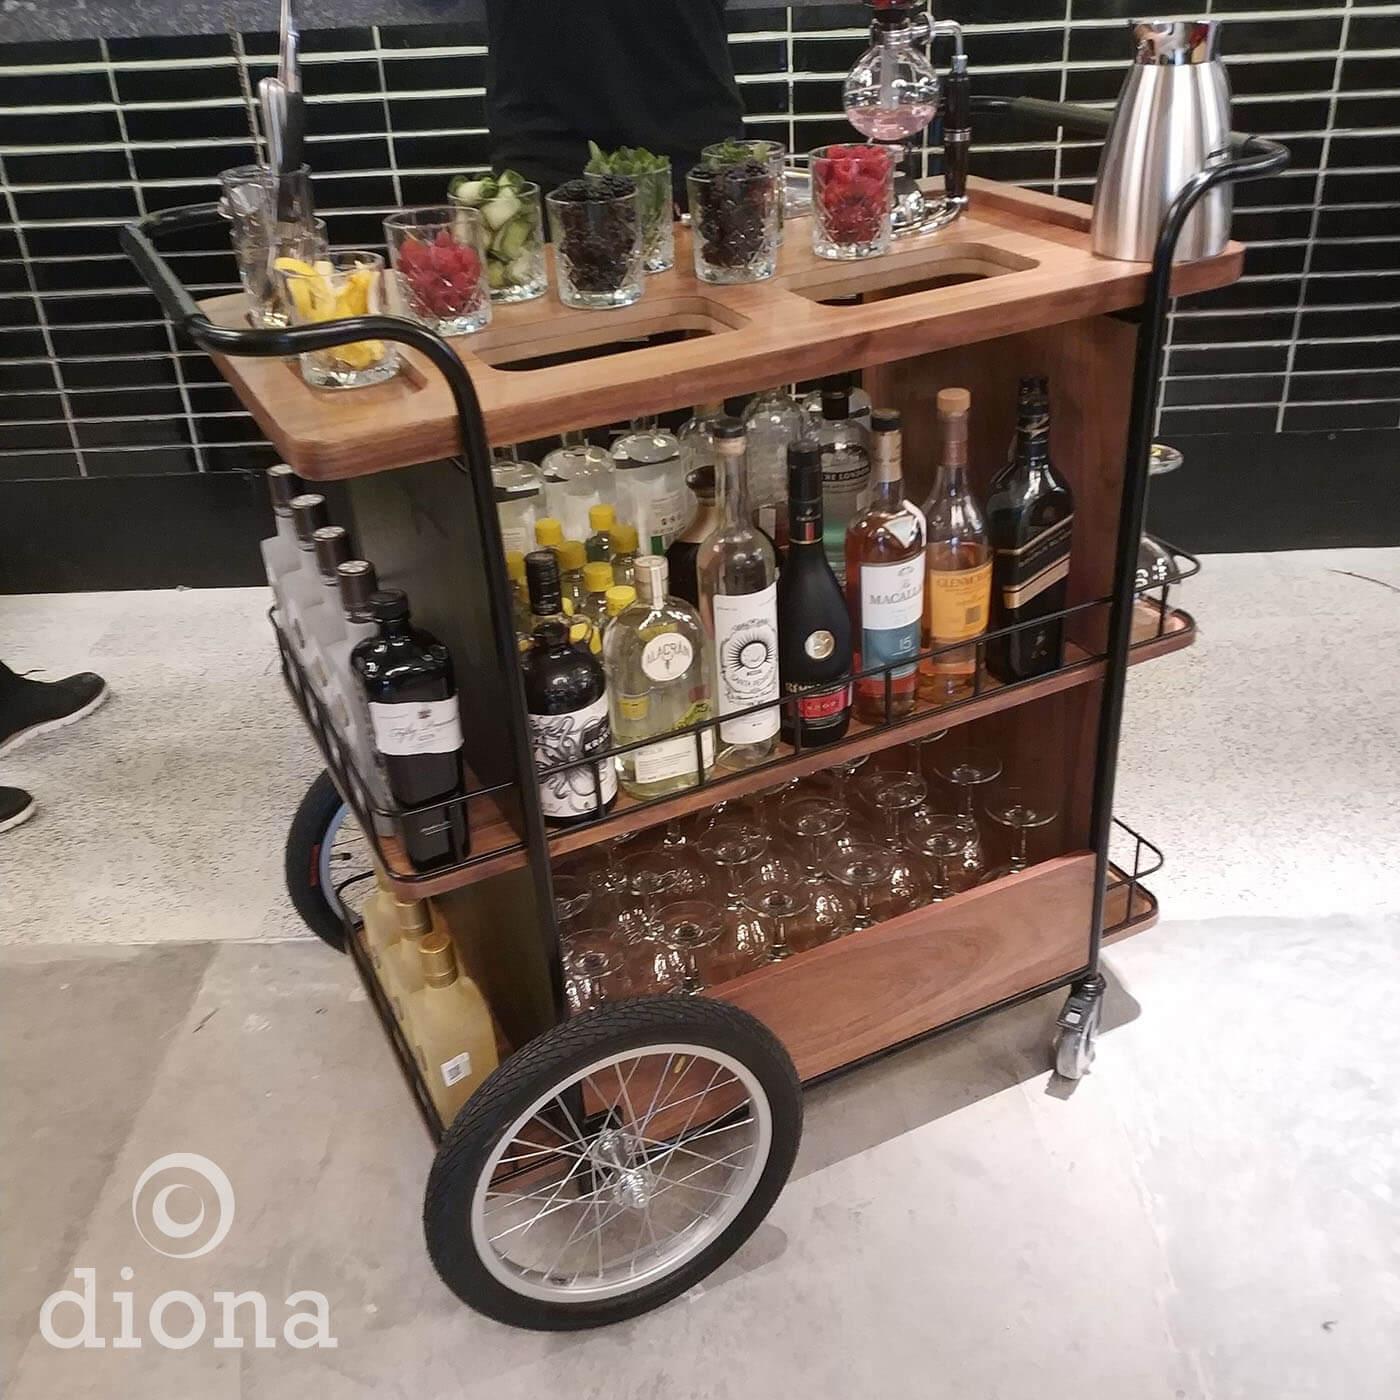 diseño industrial, mobiliario - Cocina Abierta, Artz Pedregal, Trolley Bar, fabricación, diona